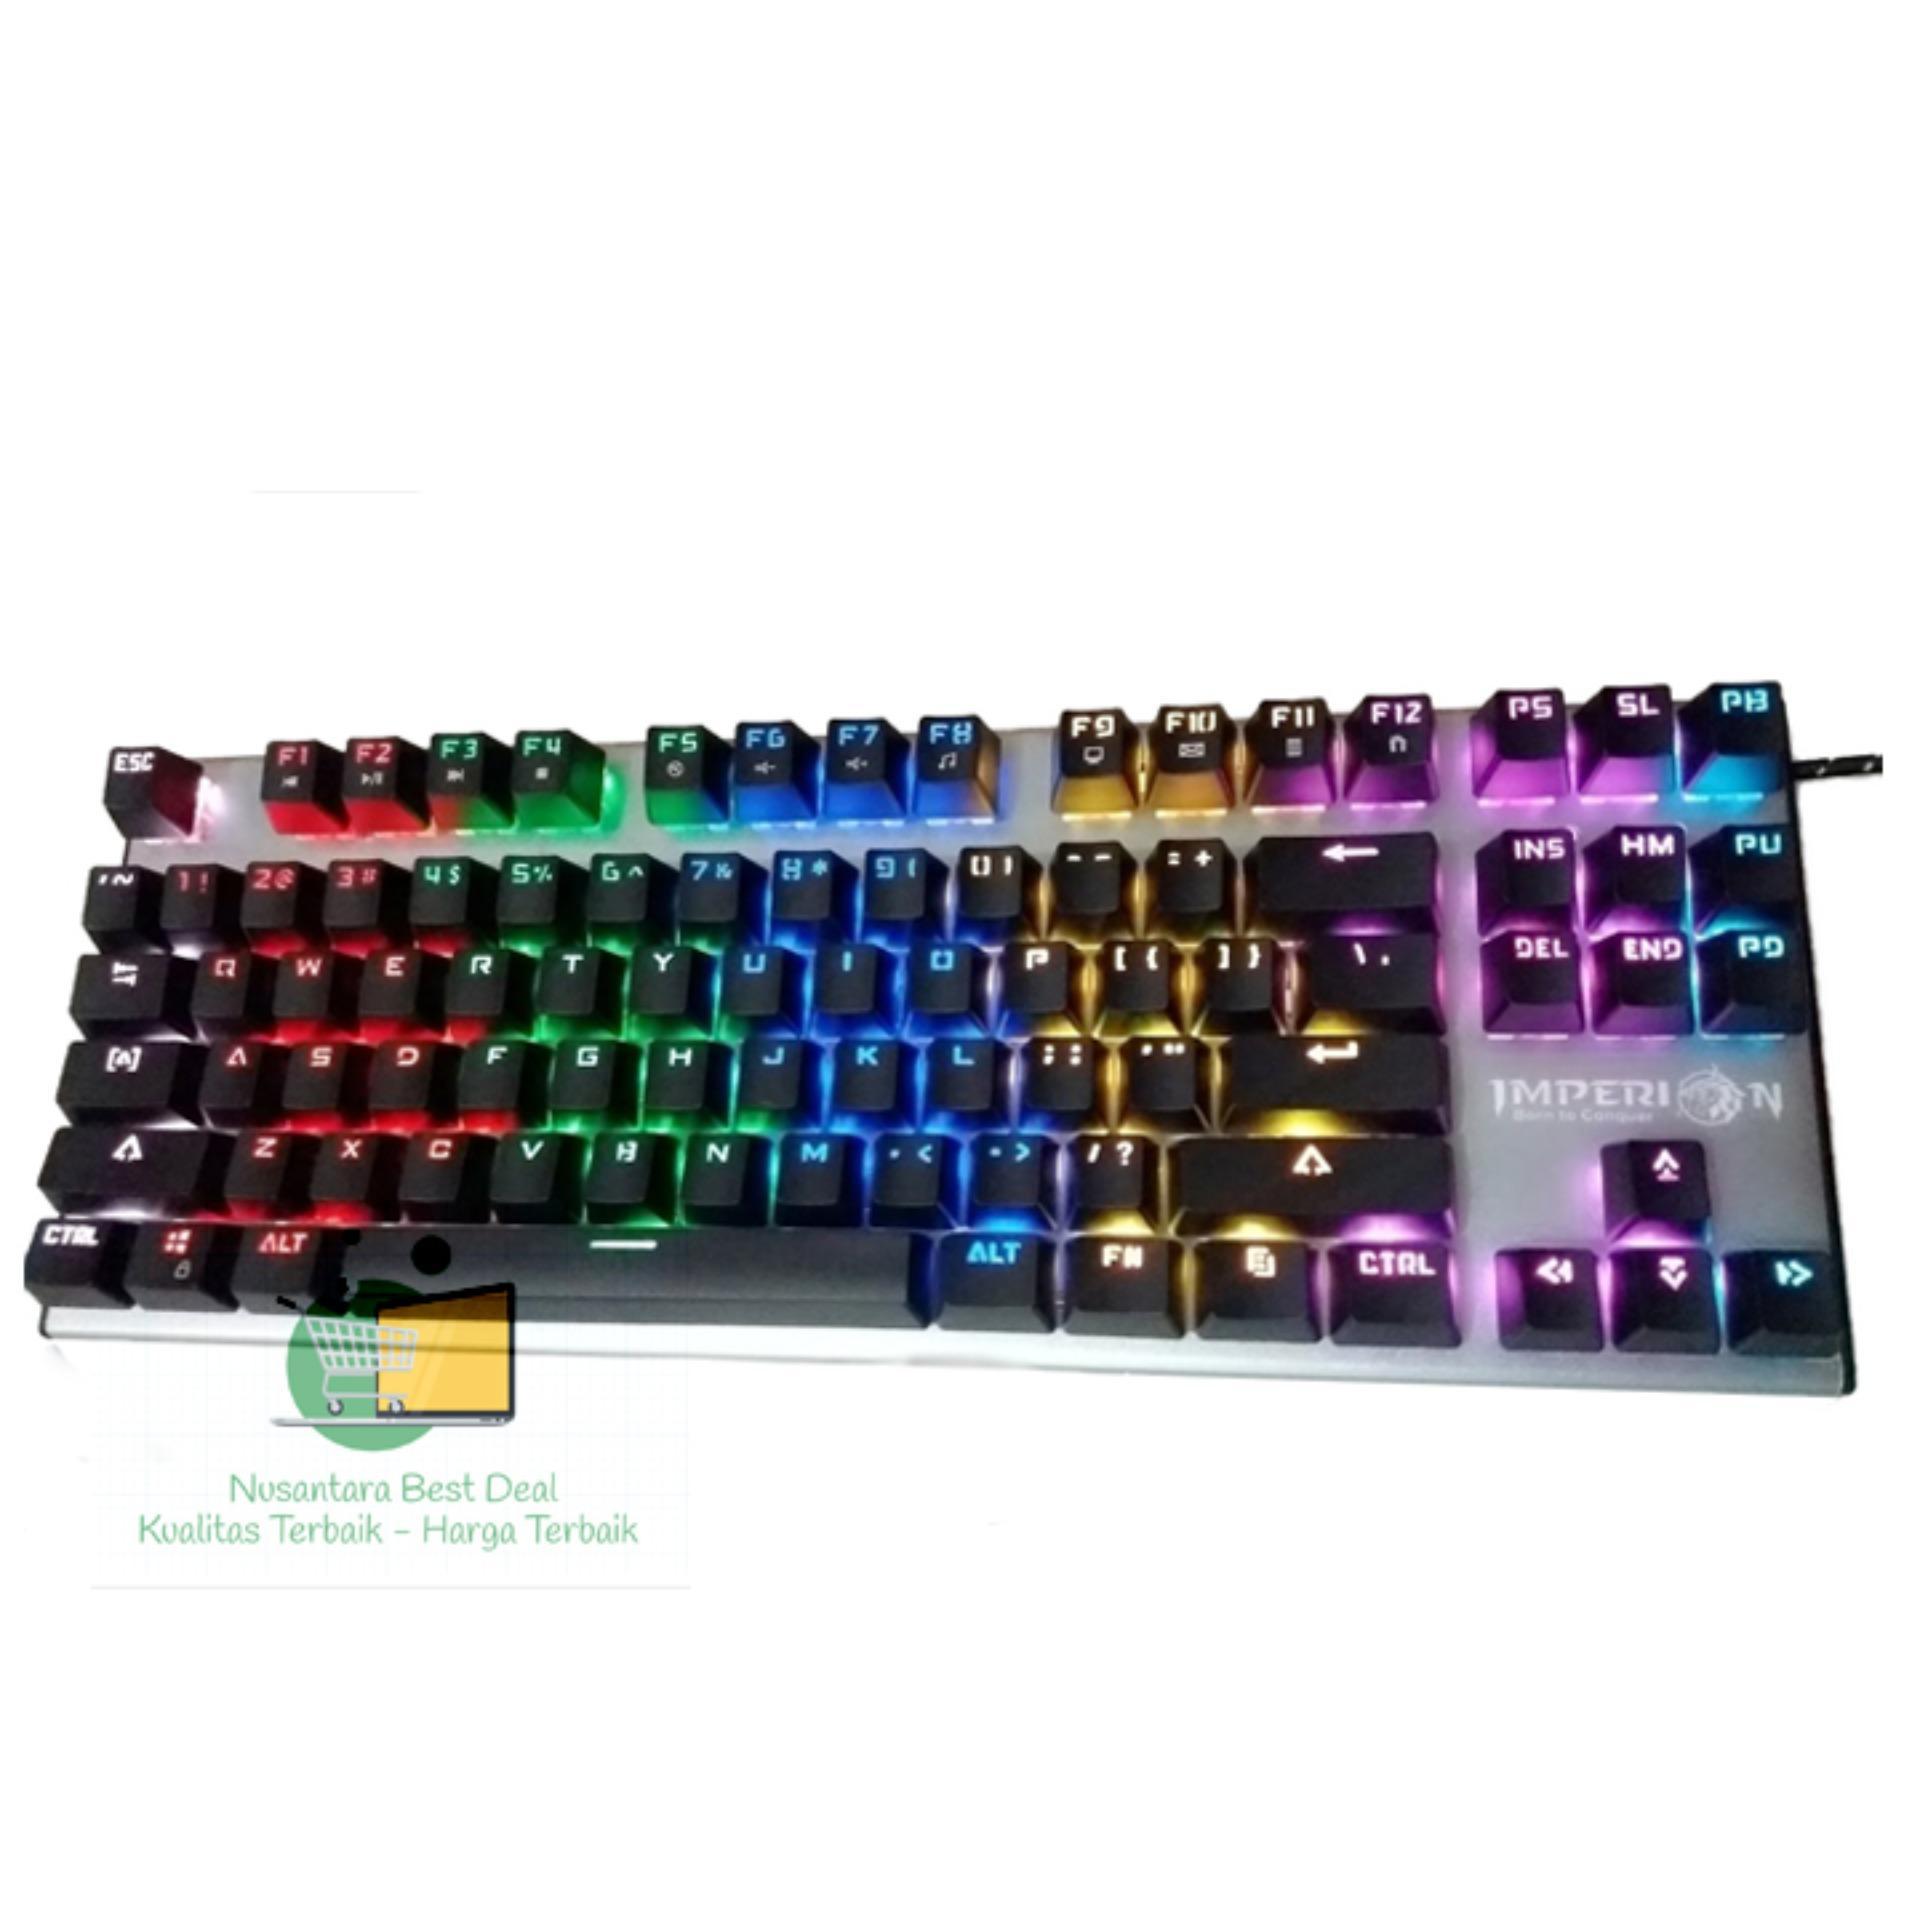 6e09e9989f1 Imperion Keyboard MECH 7, 87 Keys Mechanical Kailh Switch, RGB, Ori